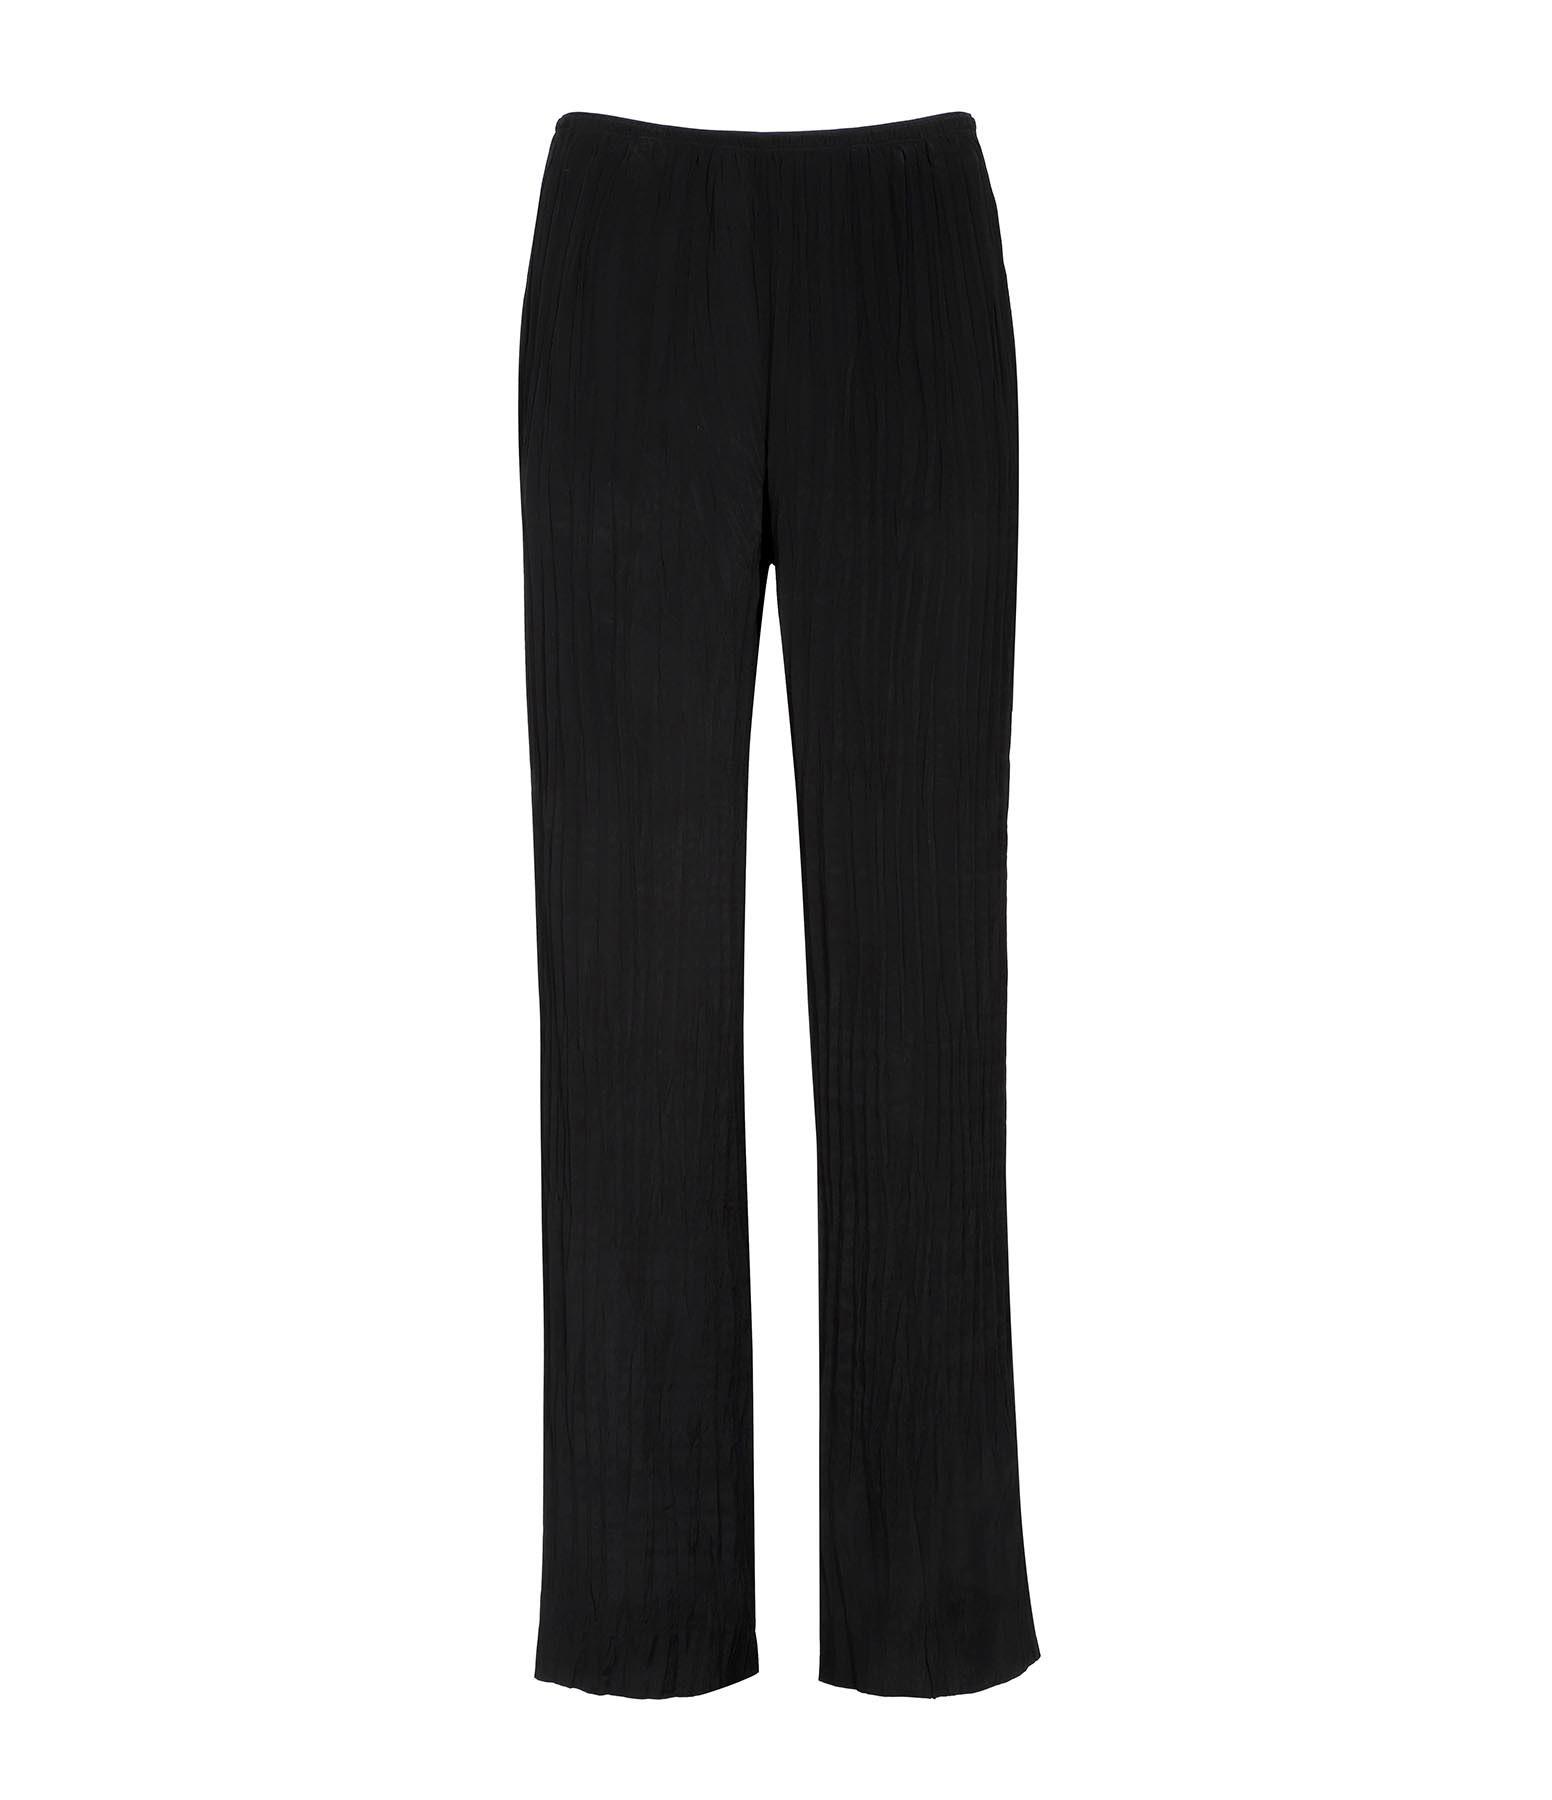 VINCE - Pantalon Fluide Noir